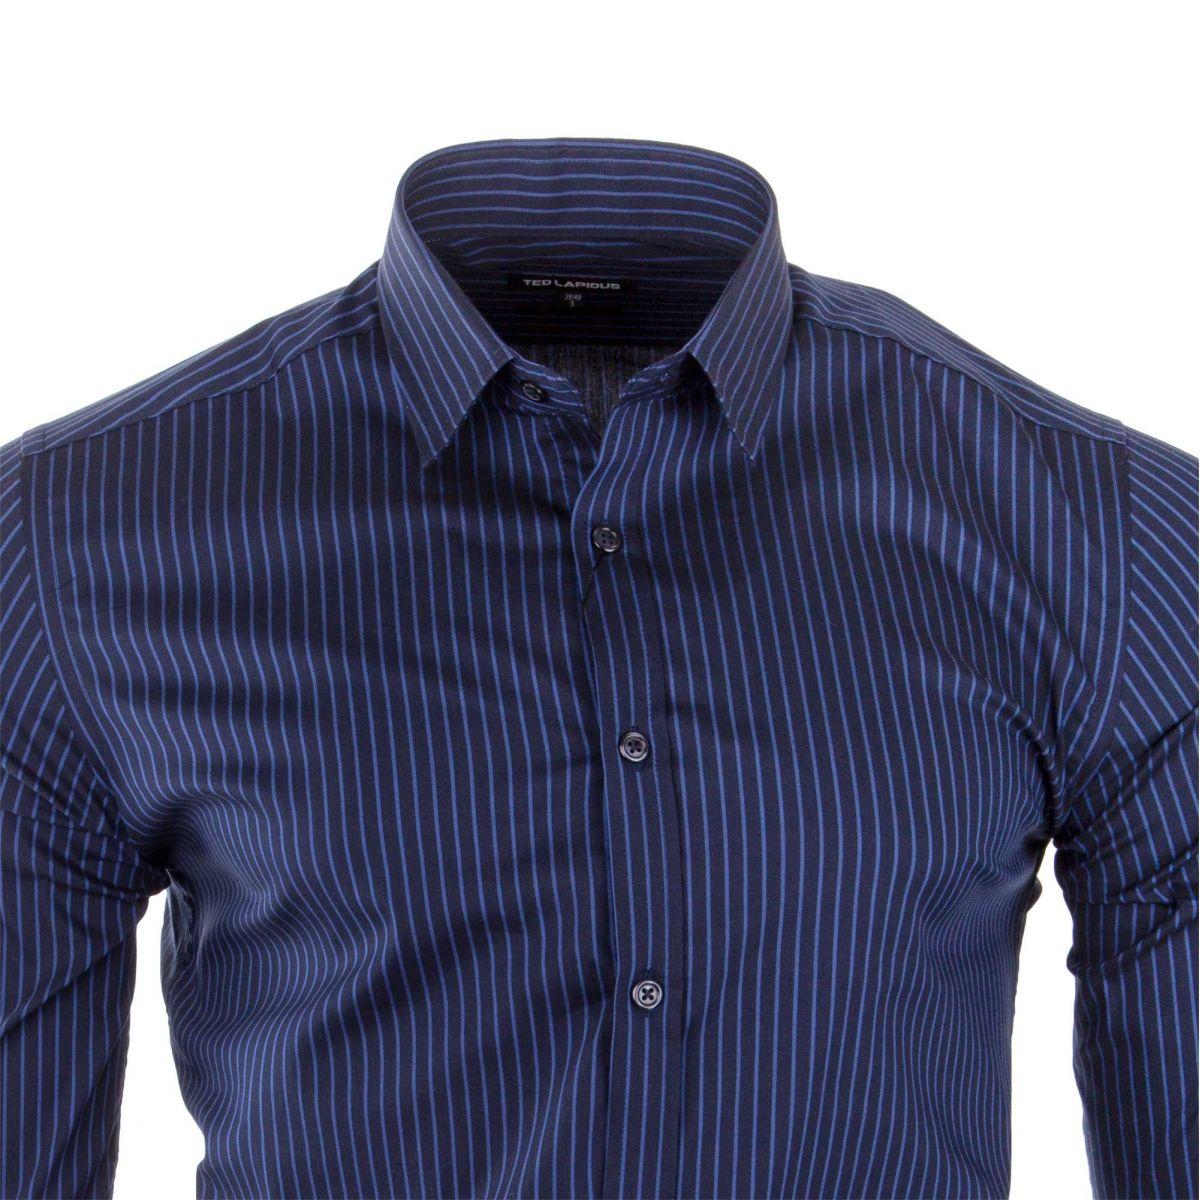 b82c6388193 ... Chemise à rayures manches longues homme TED LAPIDUS marque pas cher  prix dégriffés destockage ...